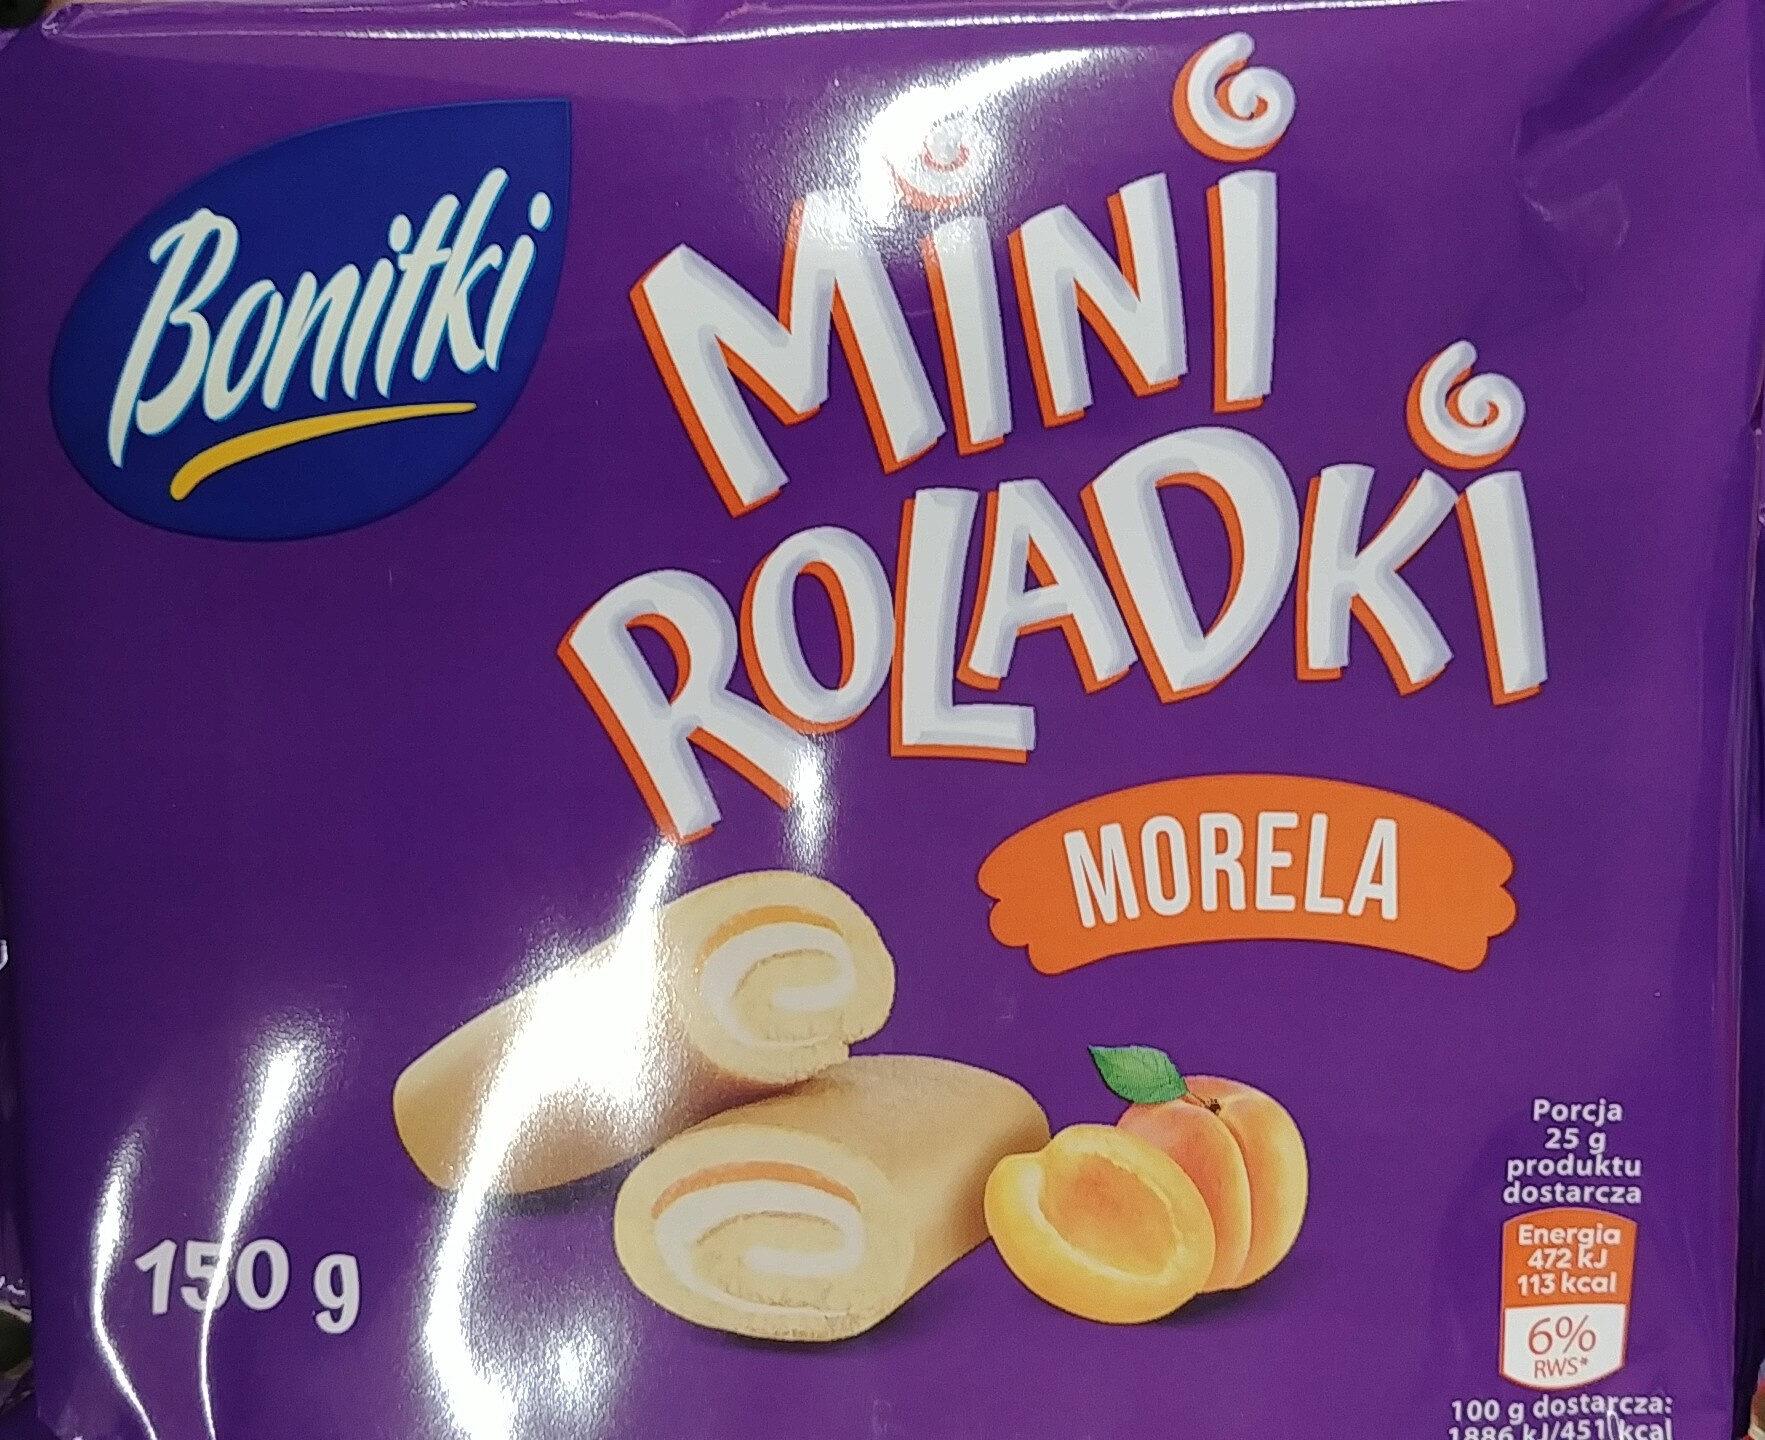 Mini roladki biszkoptowe z nadzieniem o smaku morelowym (20%) i kremem o smaku waniliowym (36%). - Produkt - pl